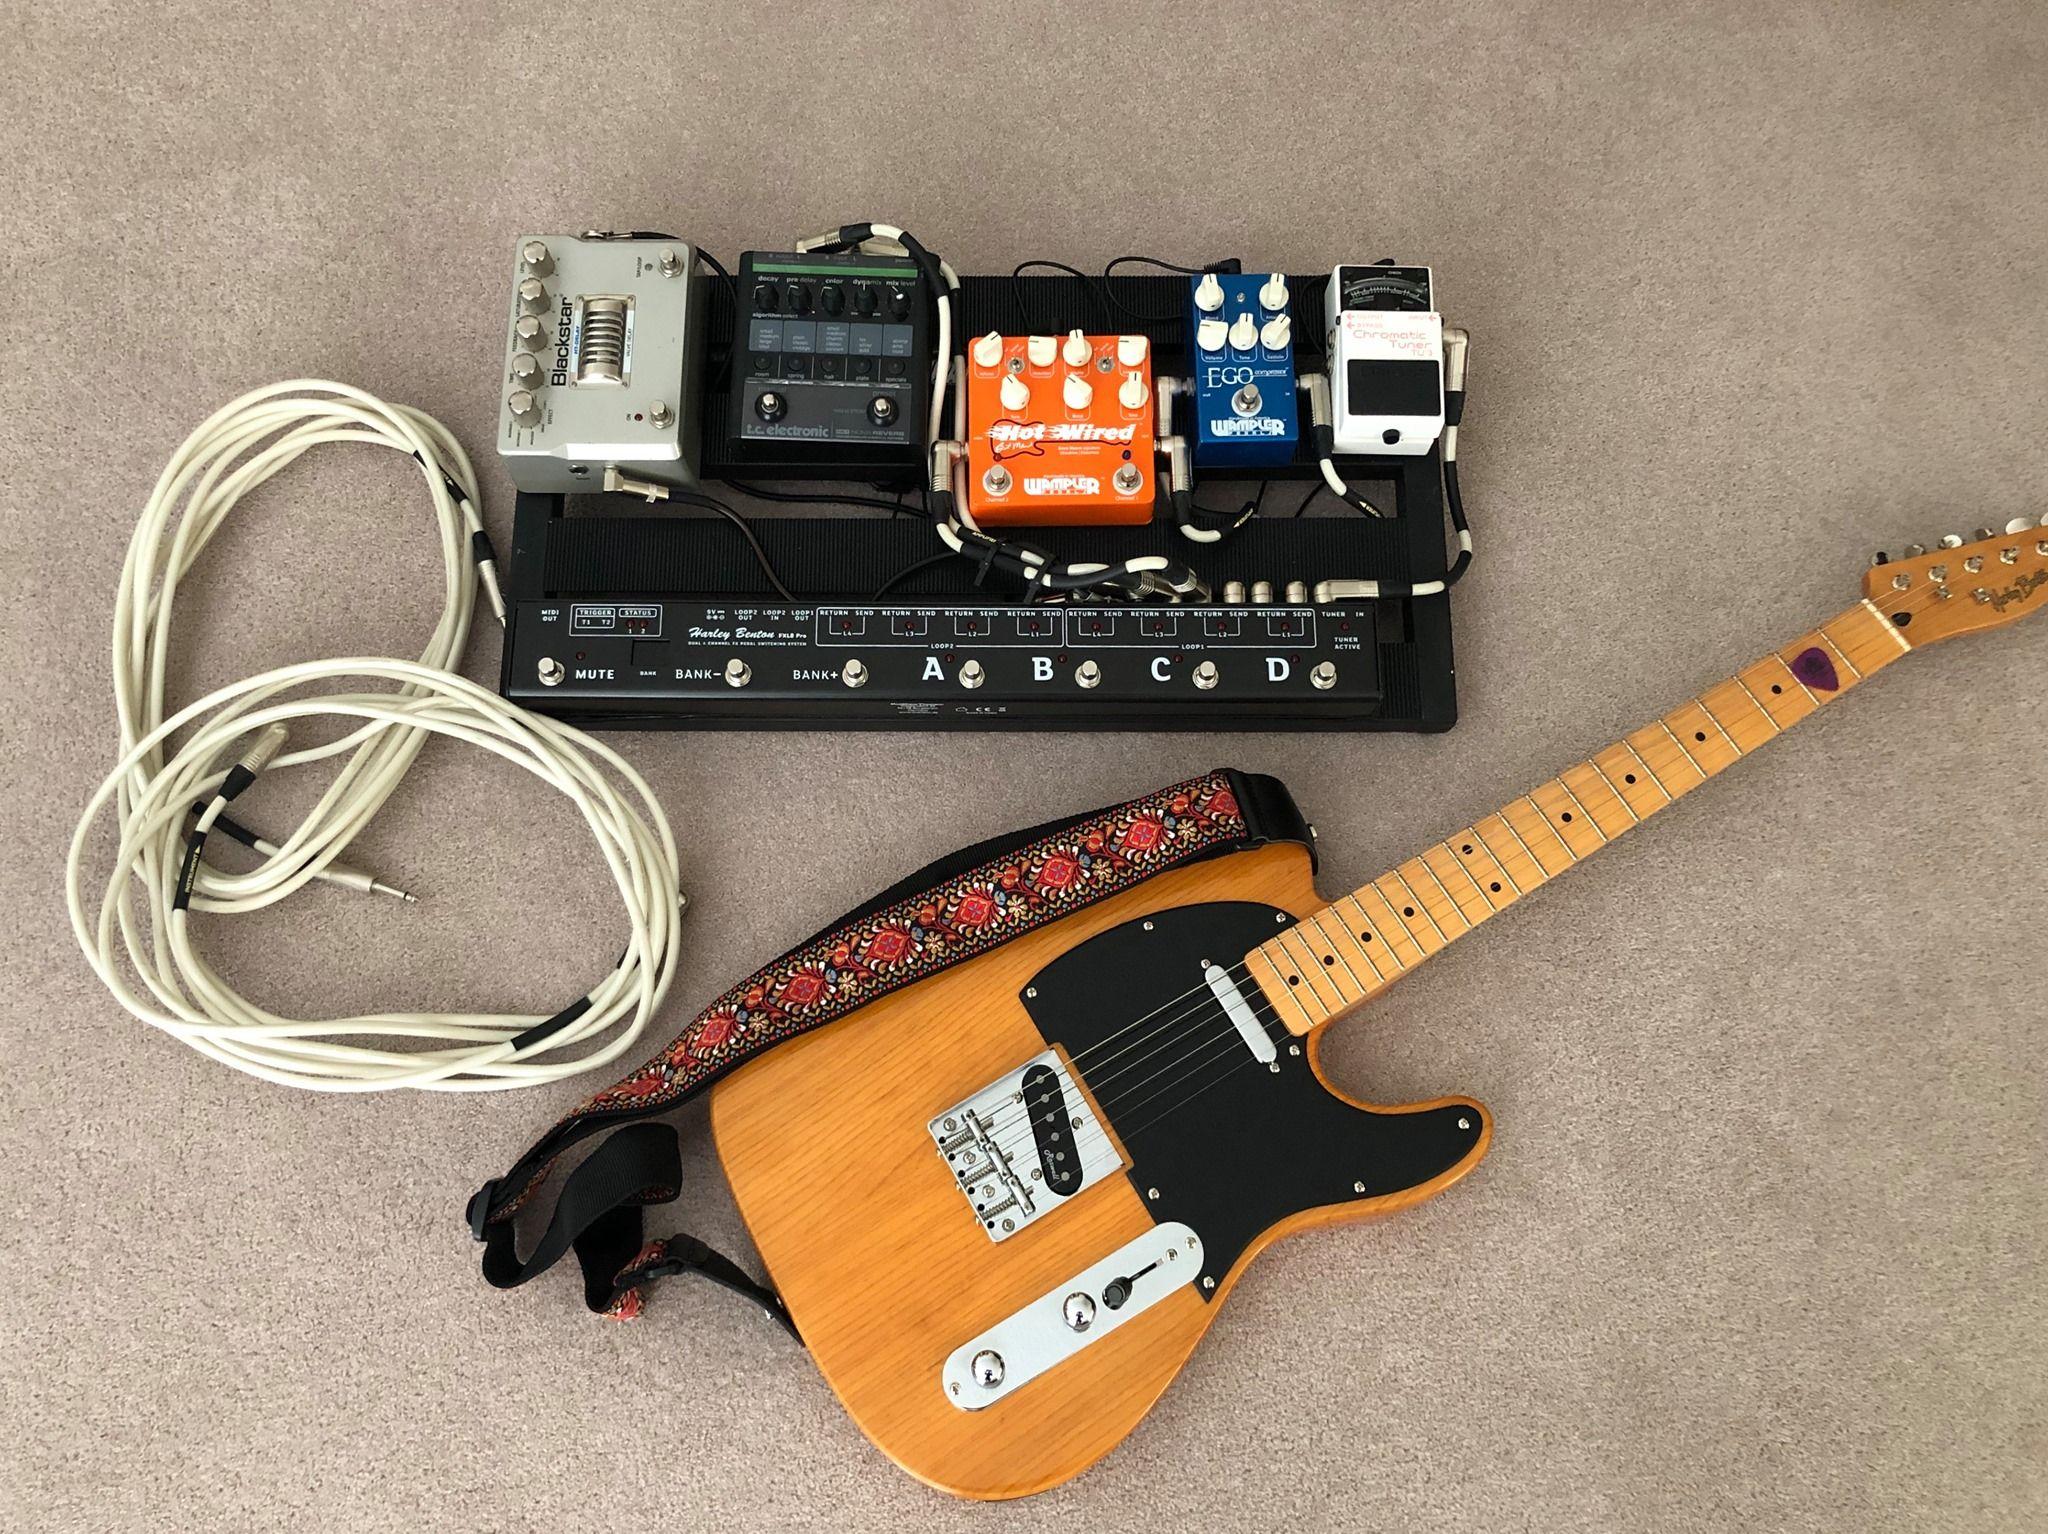 gitaar met chord luidsprekerkabels